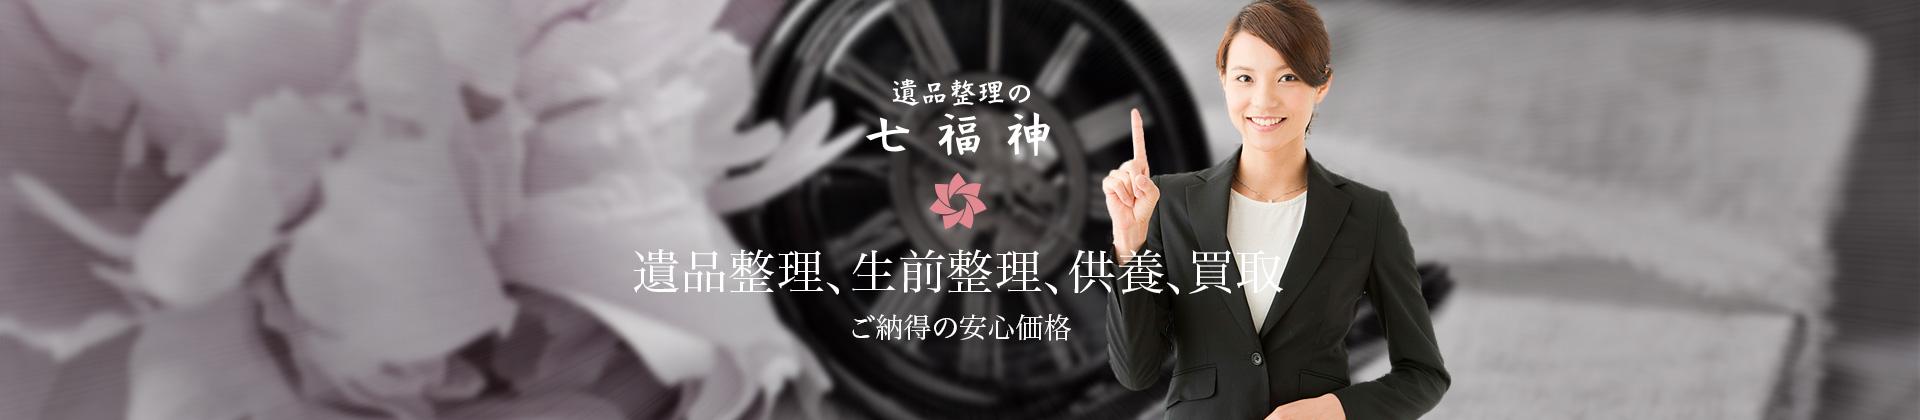 東京の遺品整理業者なら「遺品整理の七福神」